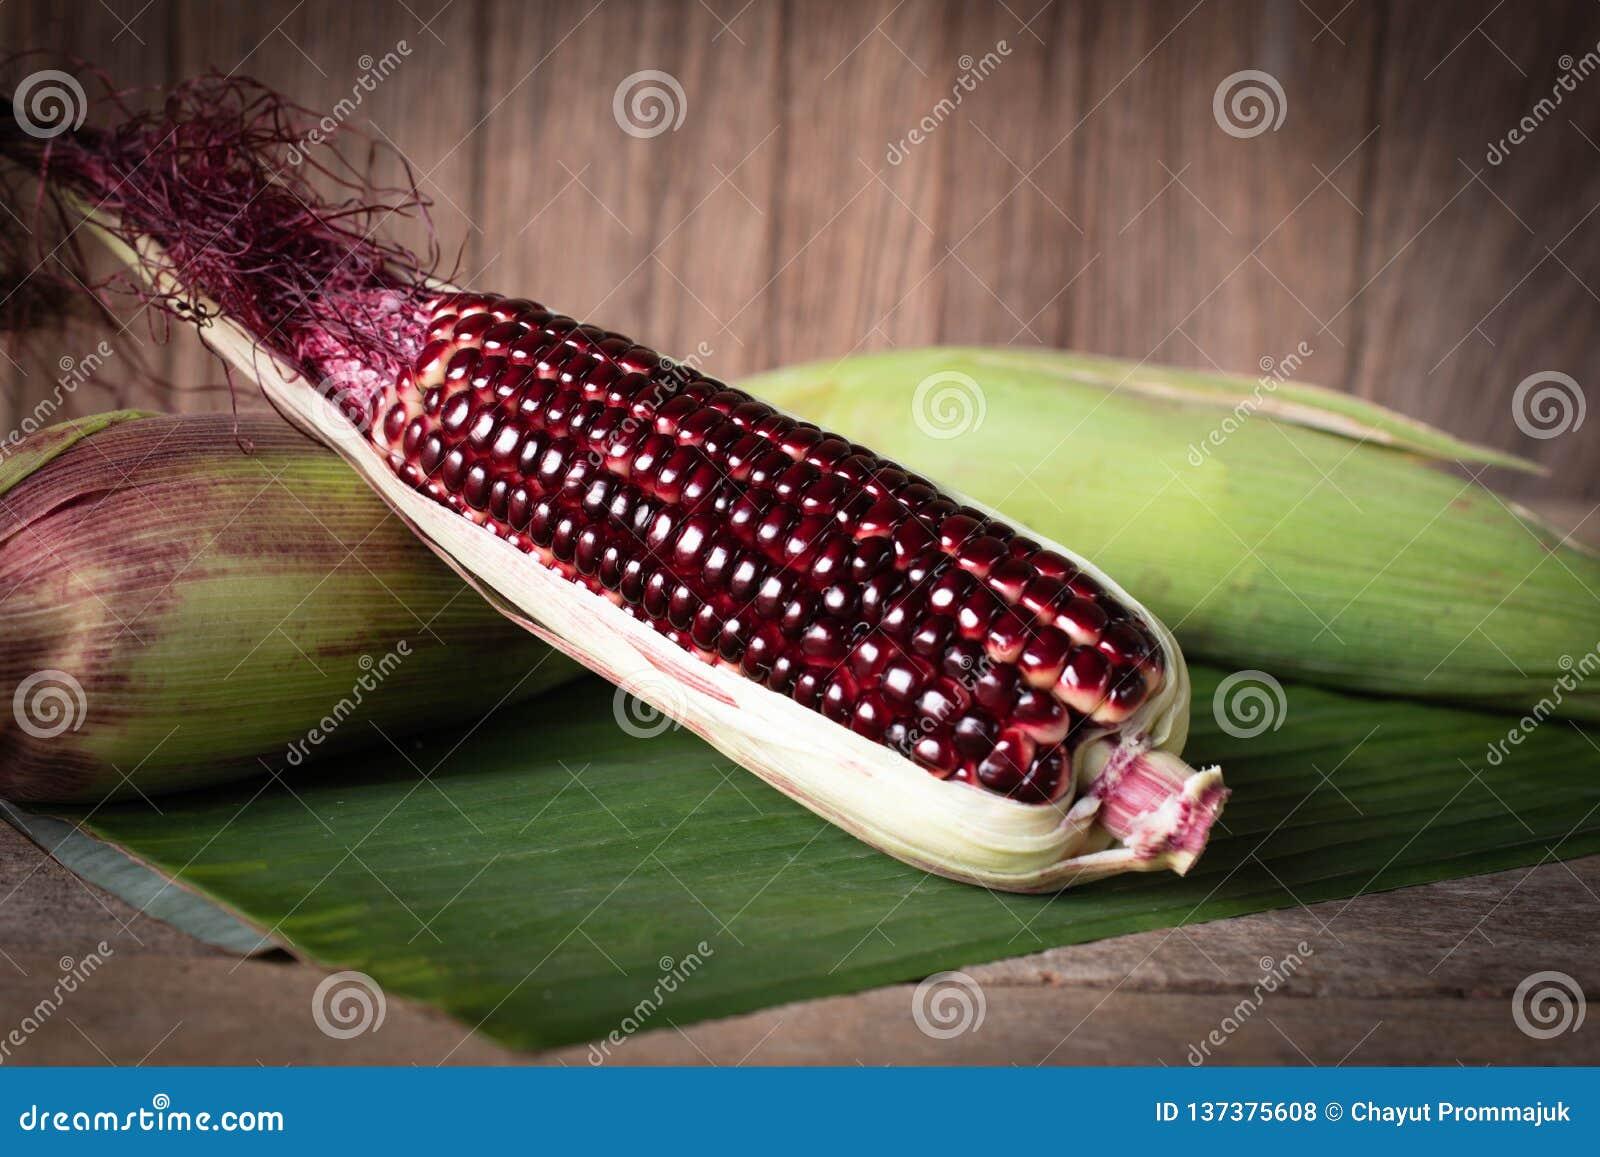 Siam Rubinowa królowa jest super słodkim kukurudzą z czerwonym kolorem, może być, jedzącym miejsca nasunięciem świeżym miejscem i